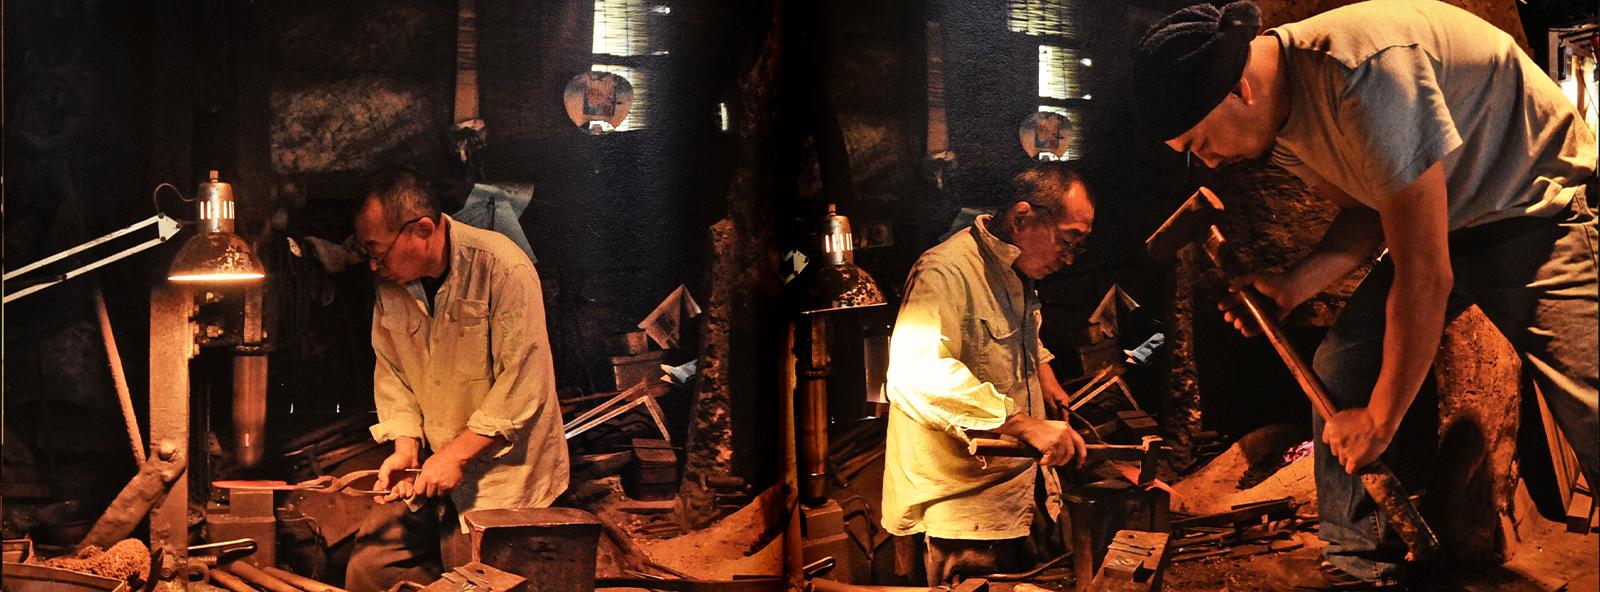 ベルトハンマーや鎚で、 鋼と鉄を成形する作業風景。